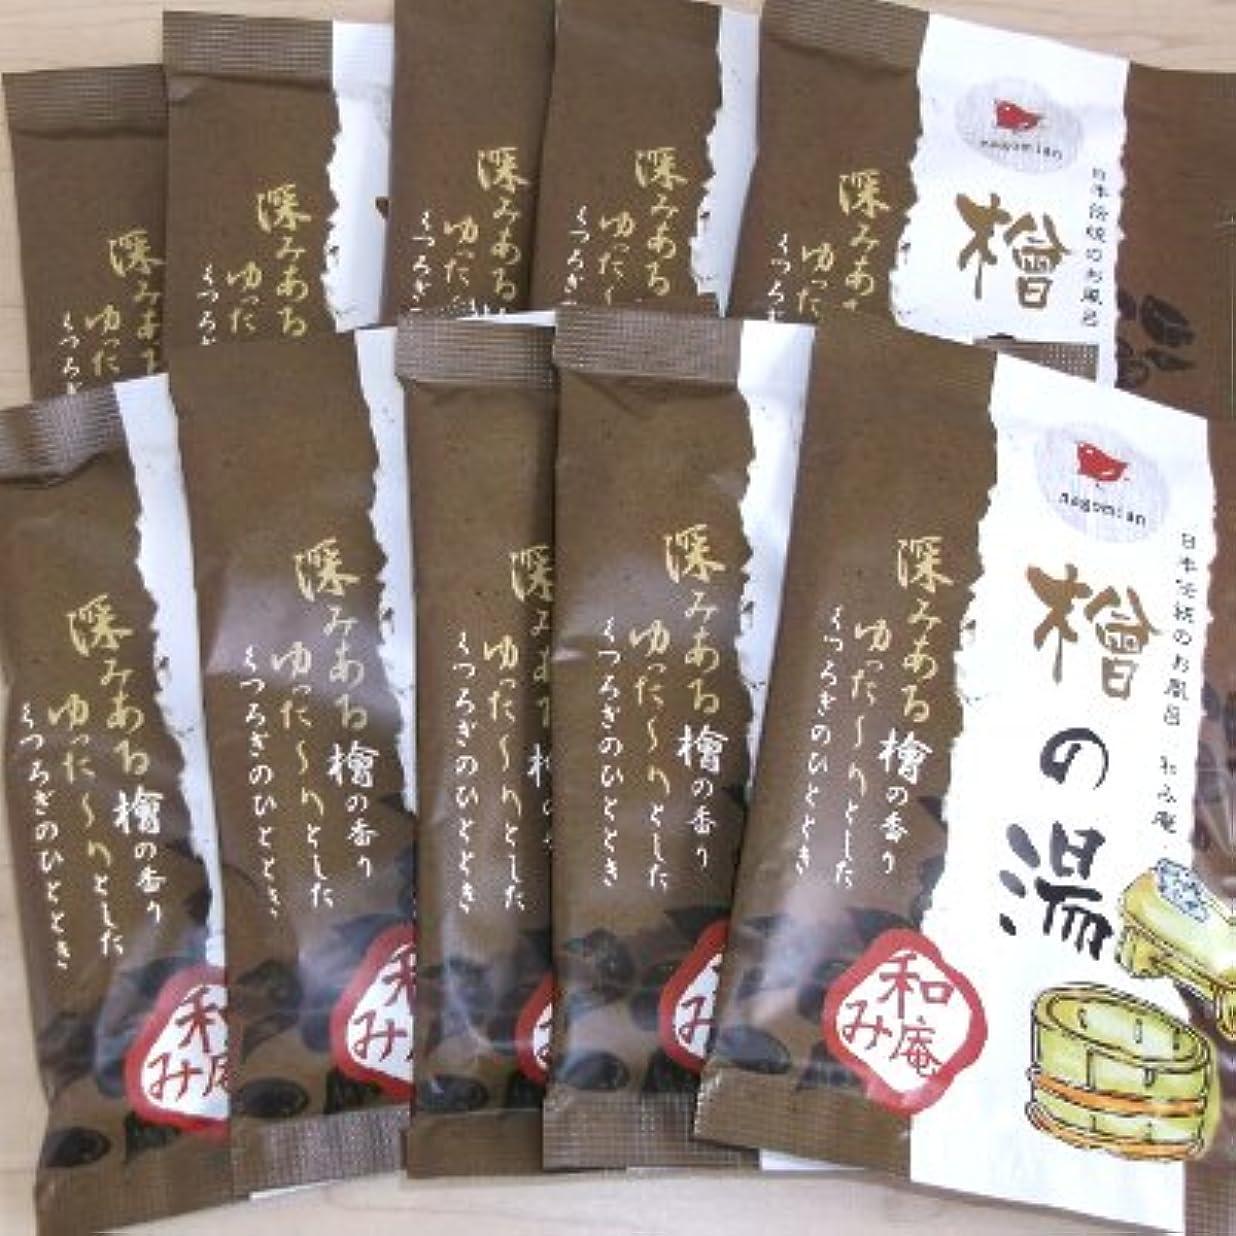 ブロック交響曲帰る和み庵 檜の湯 10包セット